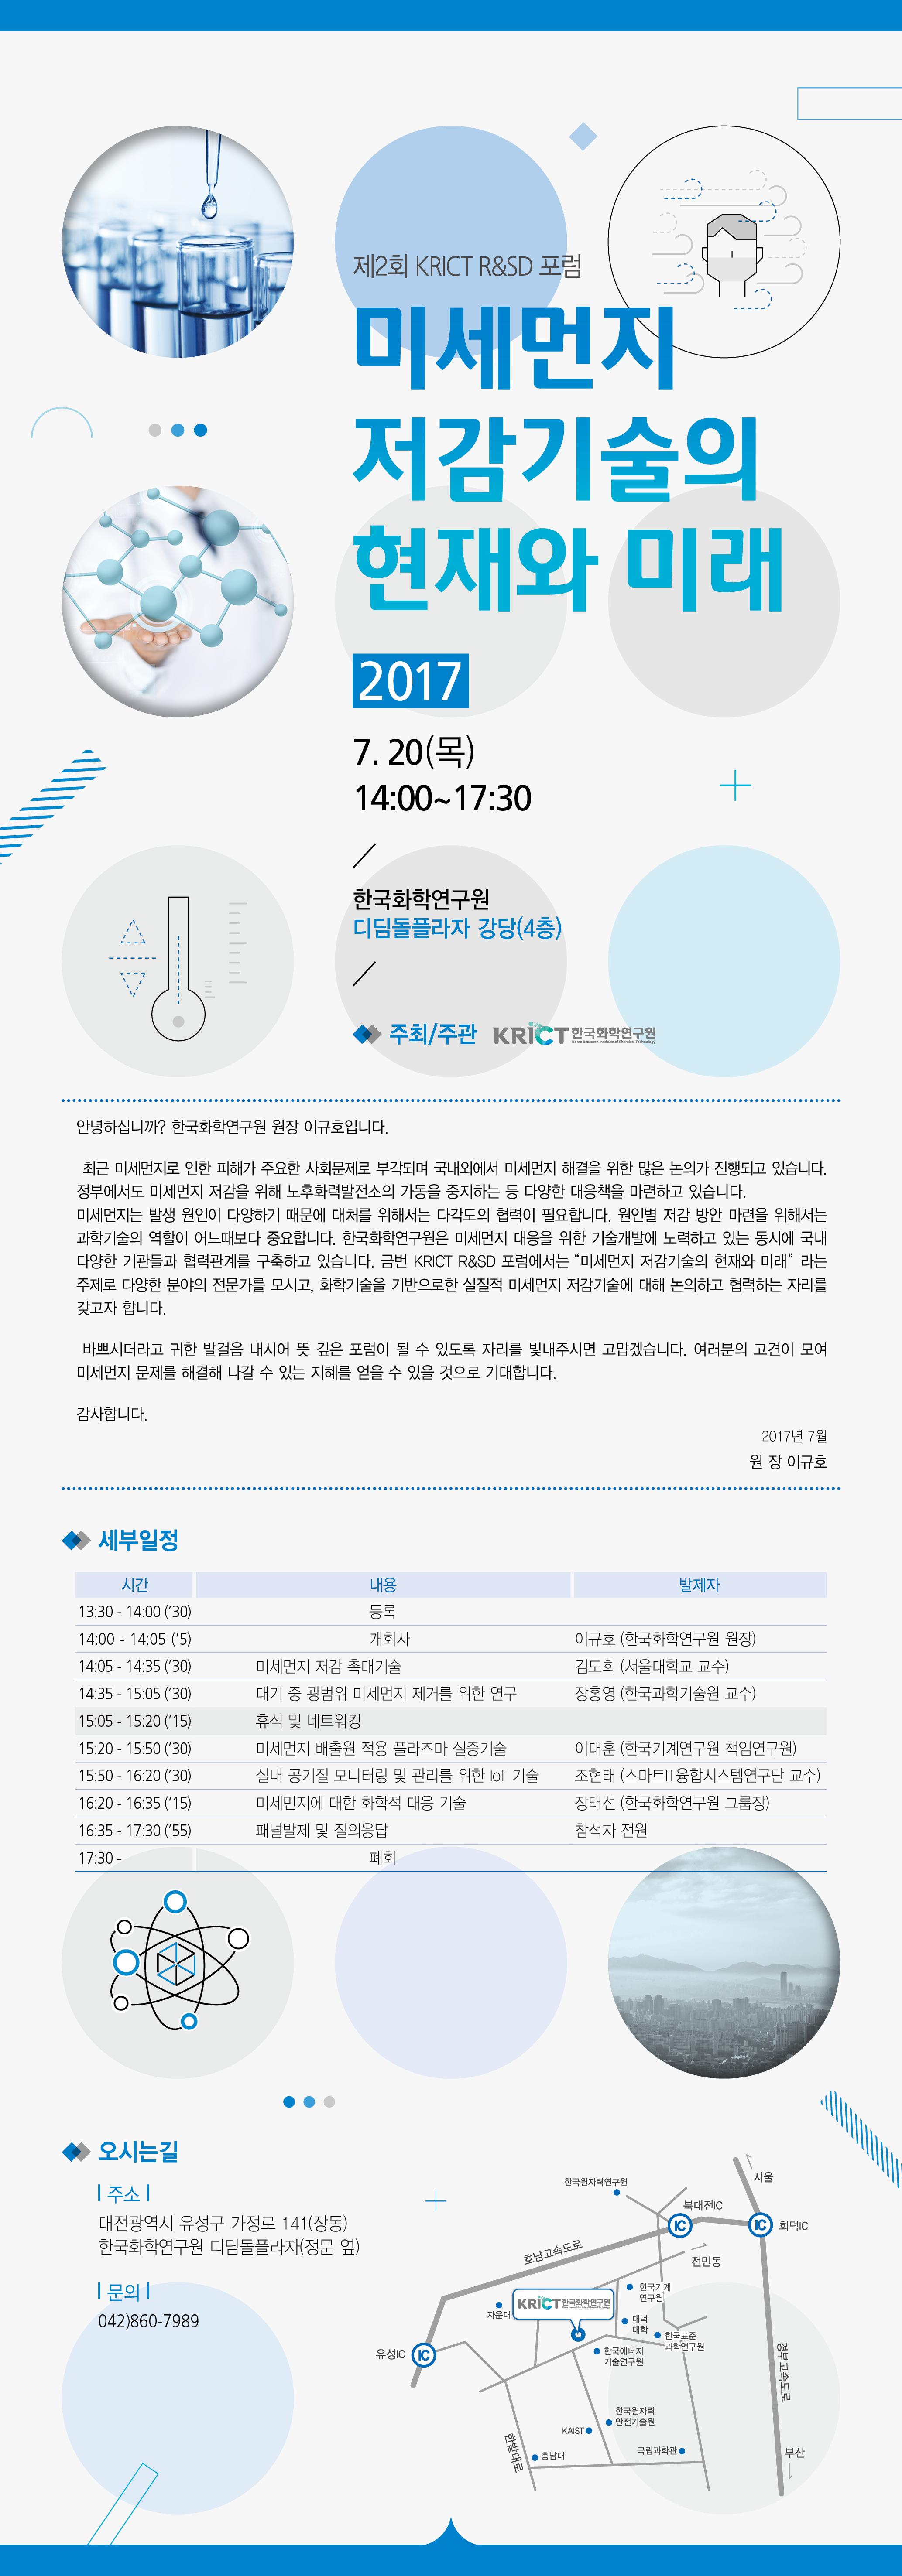 [한국화학연구원] 제2회 KRICT R&SD 포럼.jpg